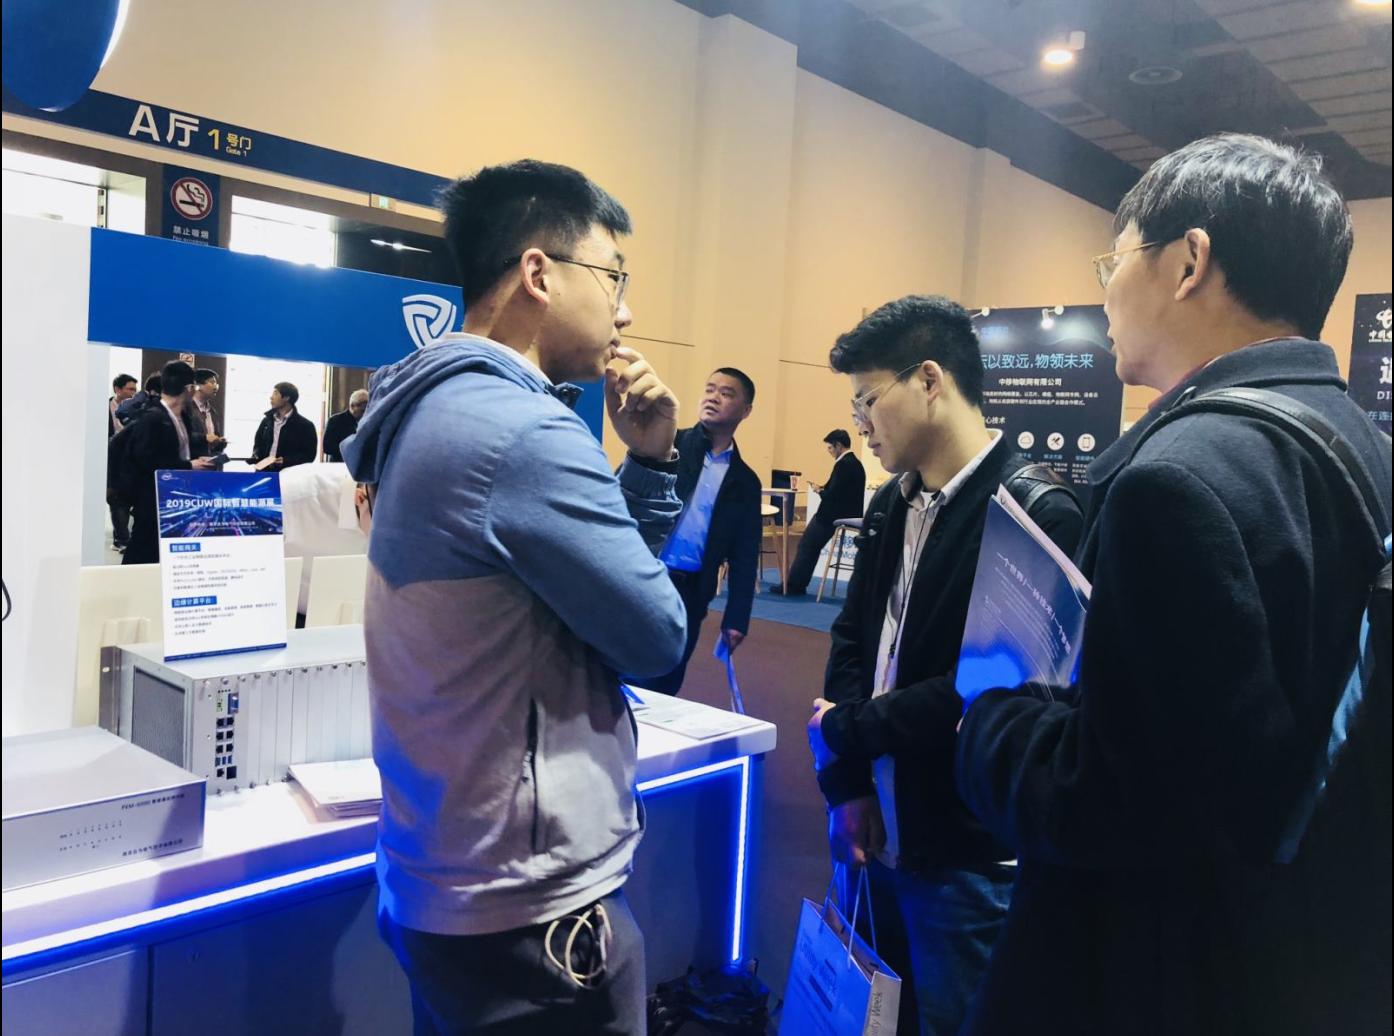 上海2019CUW國際智慧能源與公用事業峰會暨展覽會